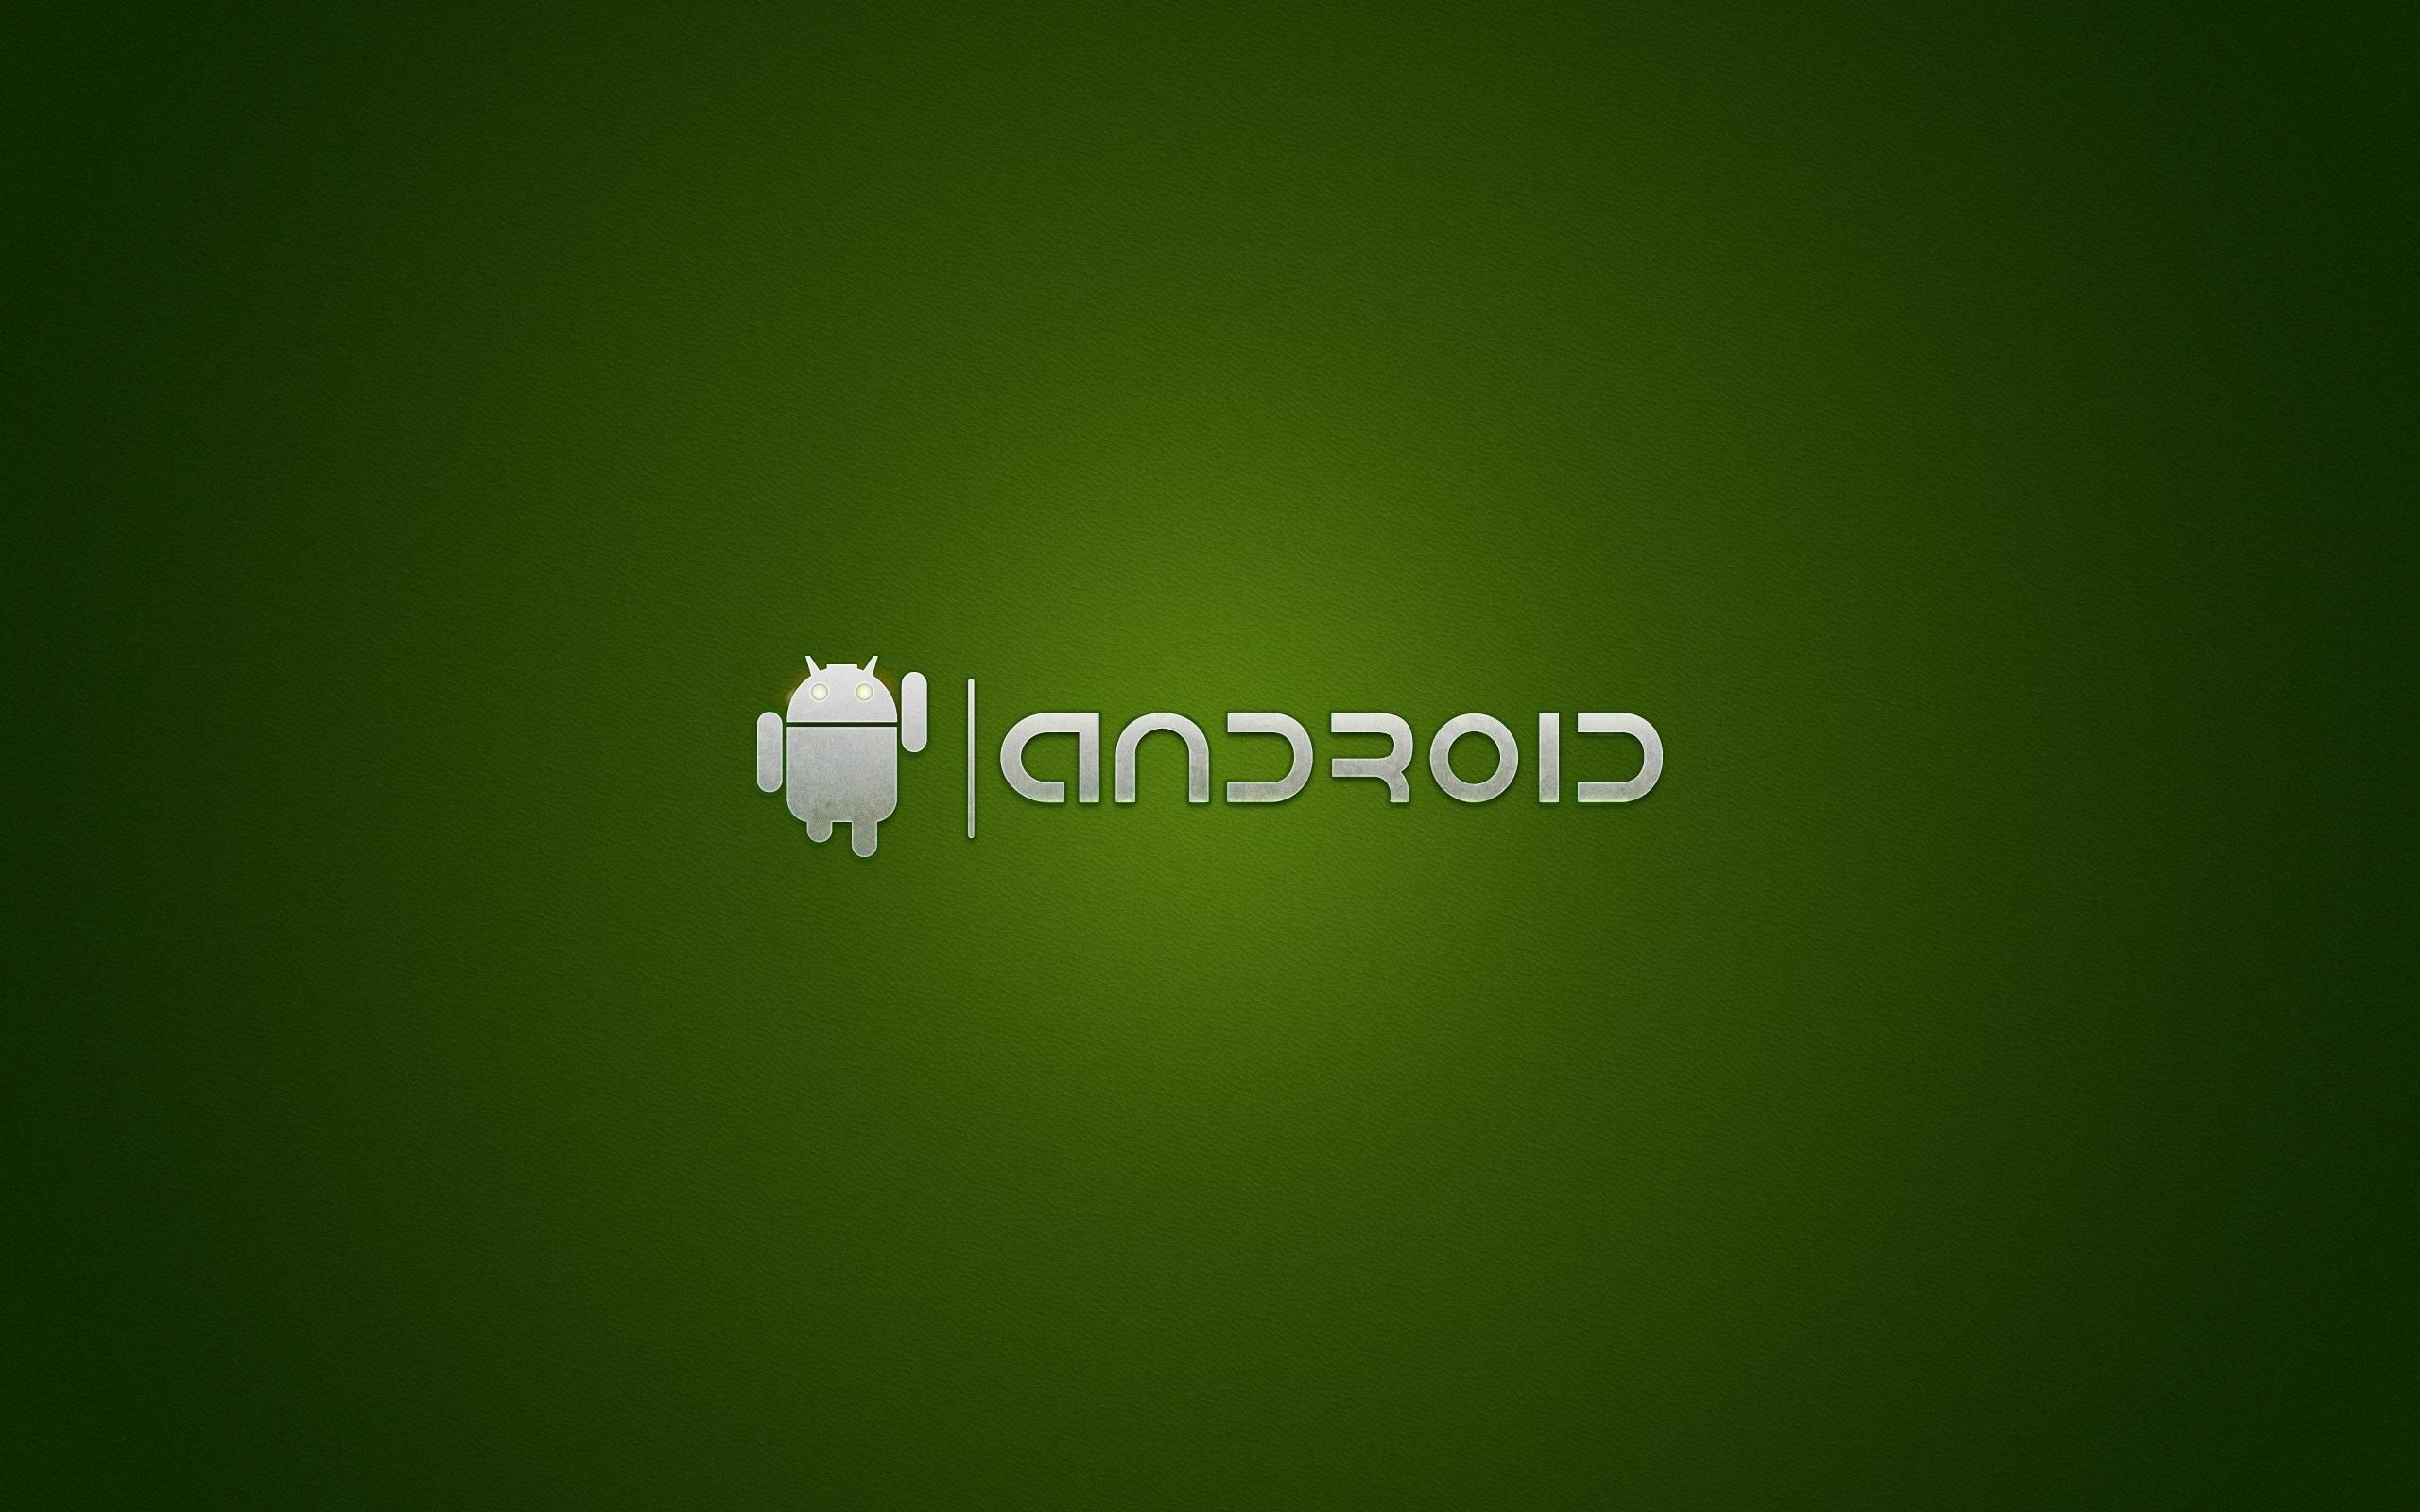 46505 Hintergrundbild herunterladen Marken, Android - Bildschirmschoner und Bilder kostenlos